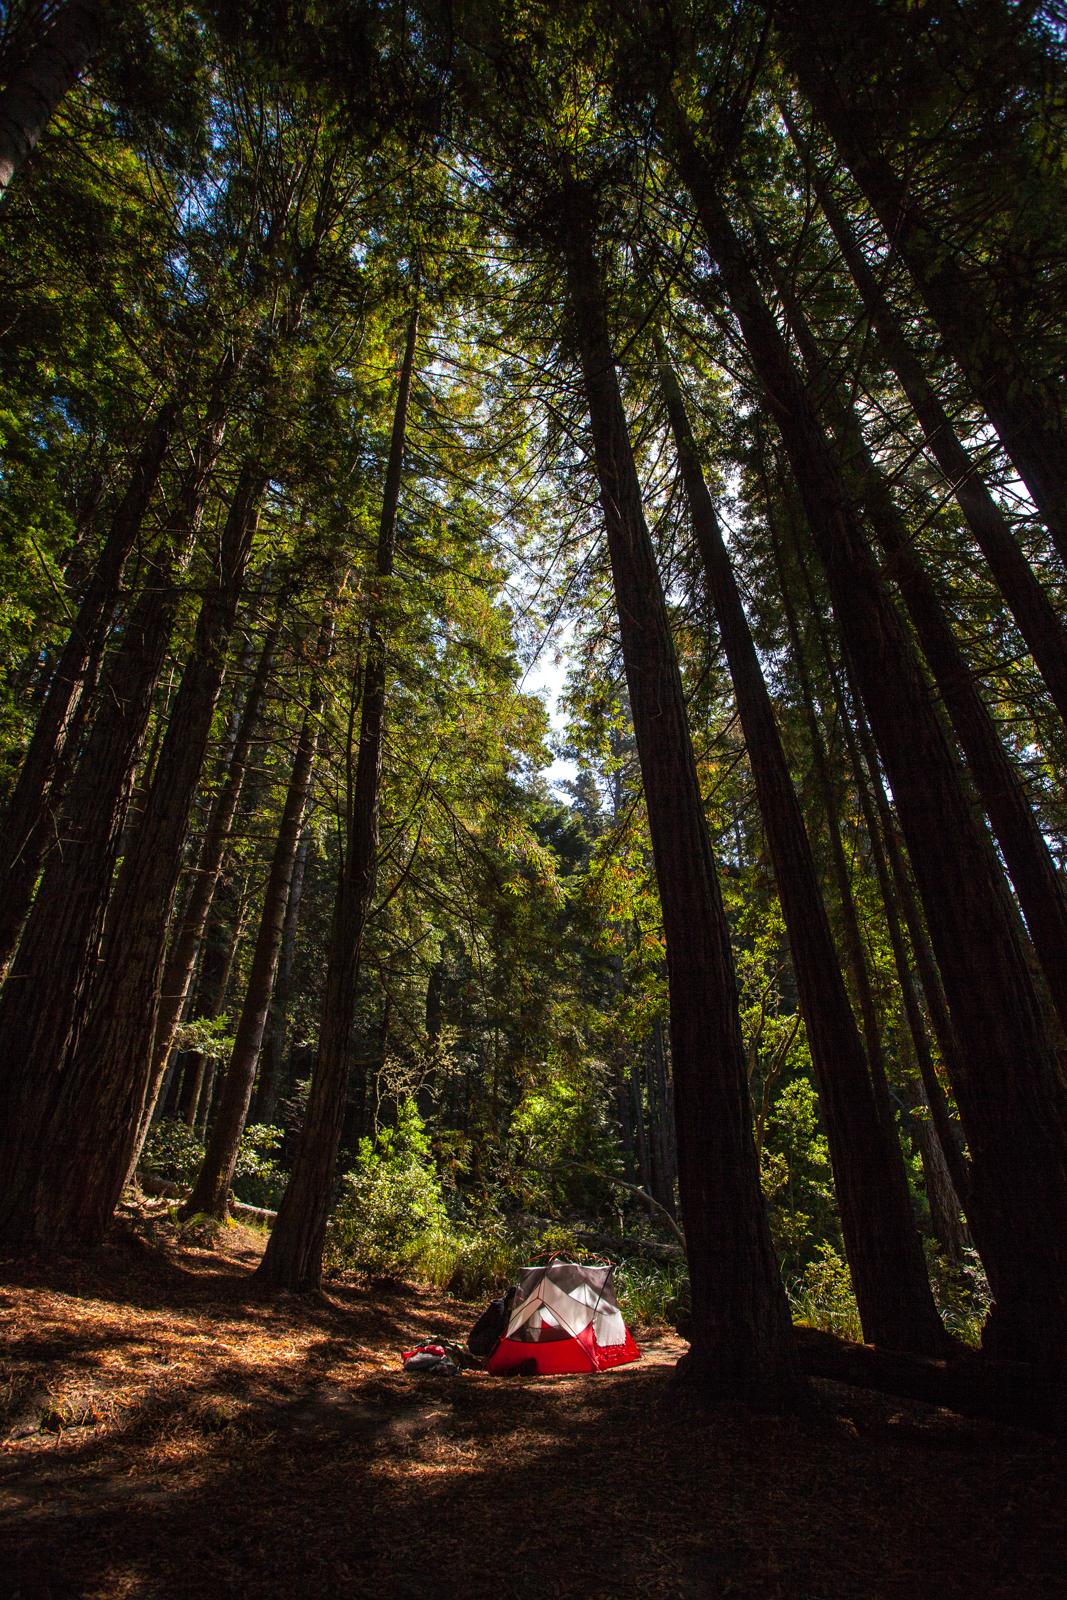 Campsite in Mendocino California